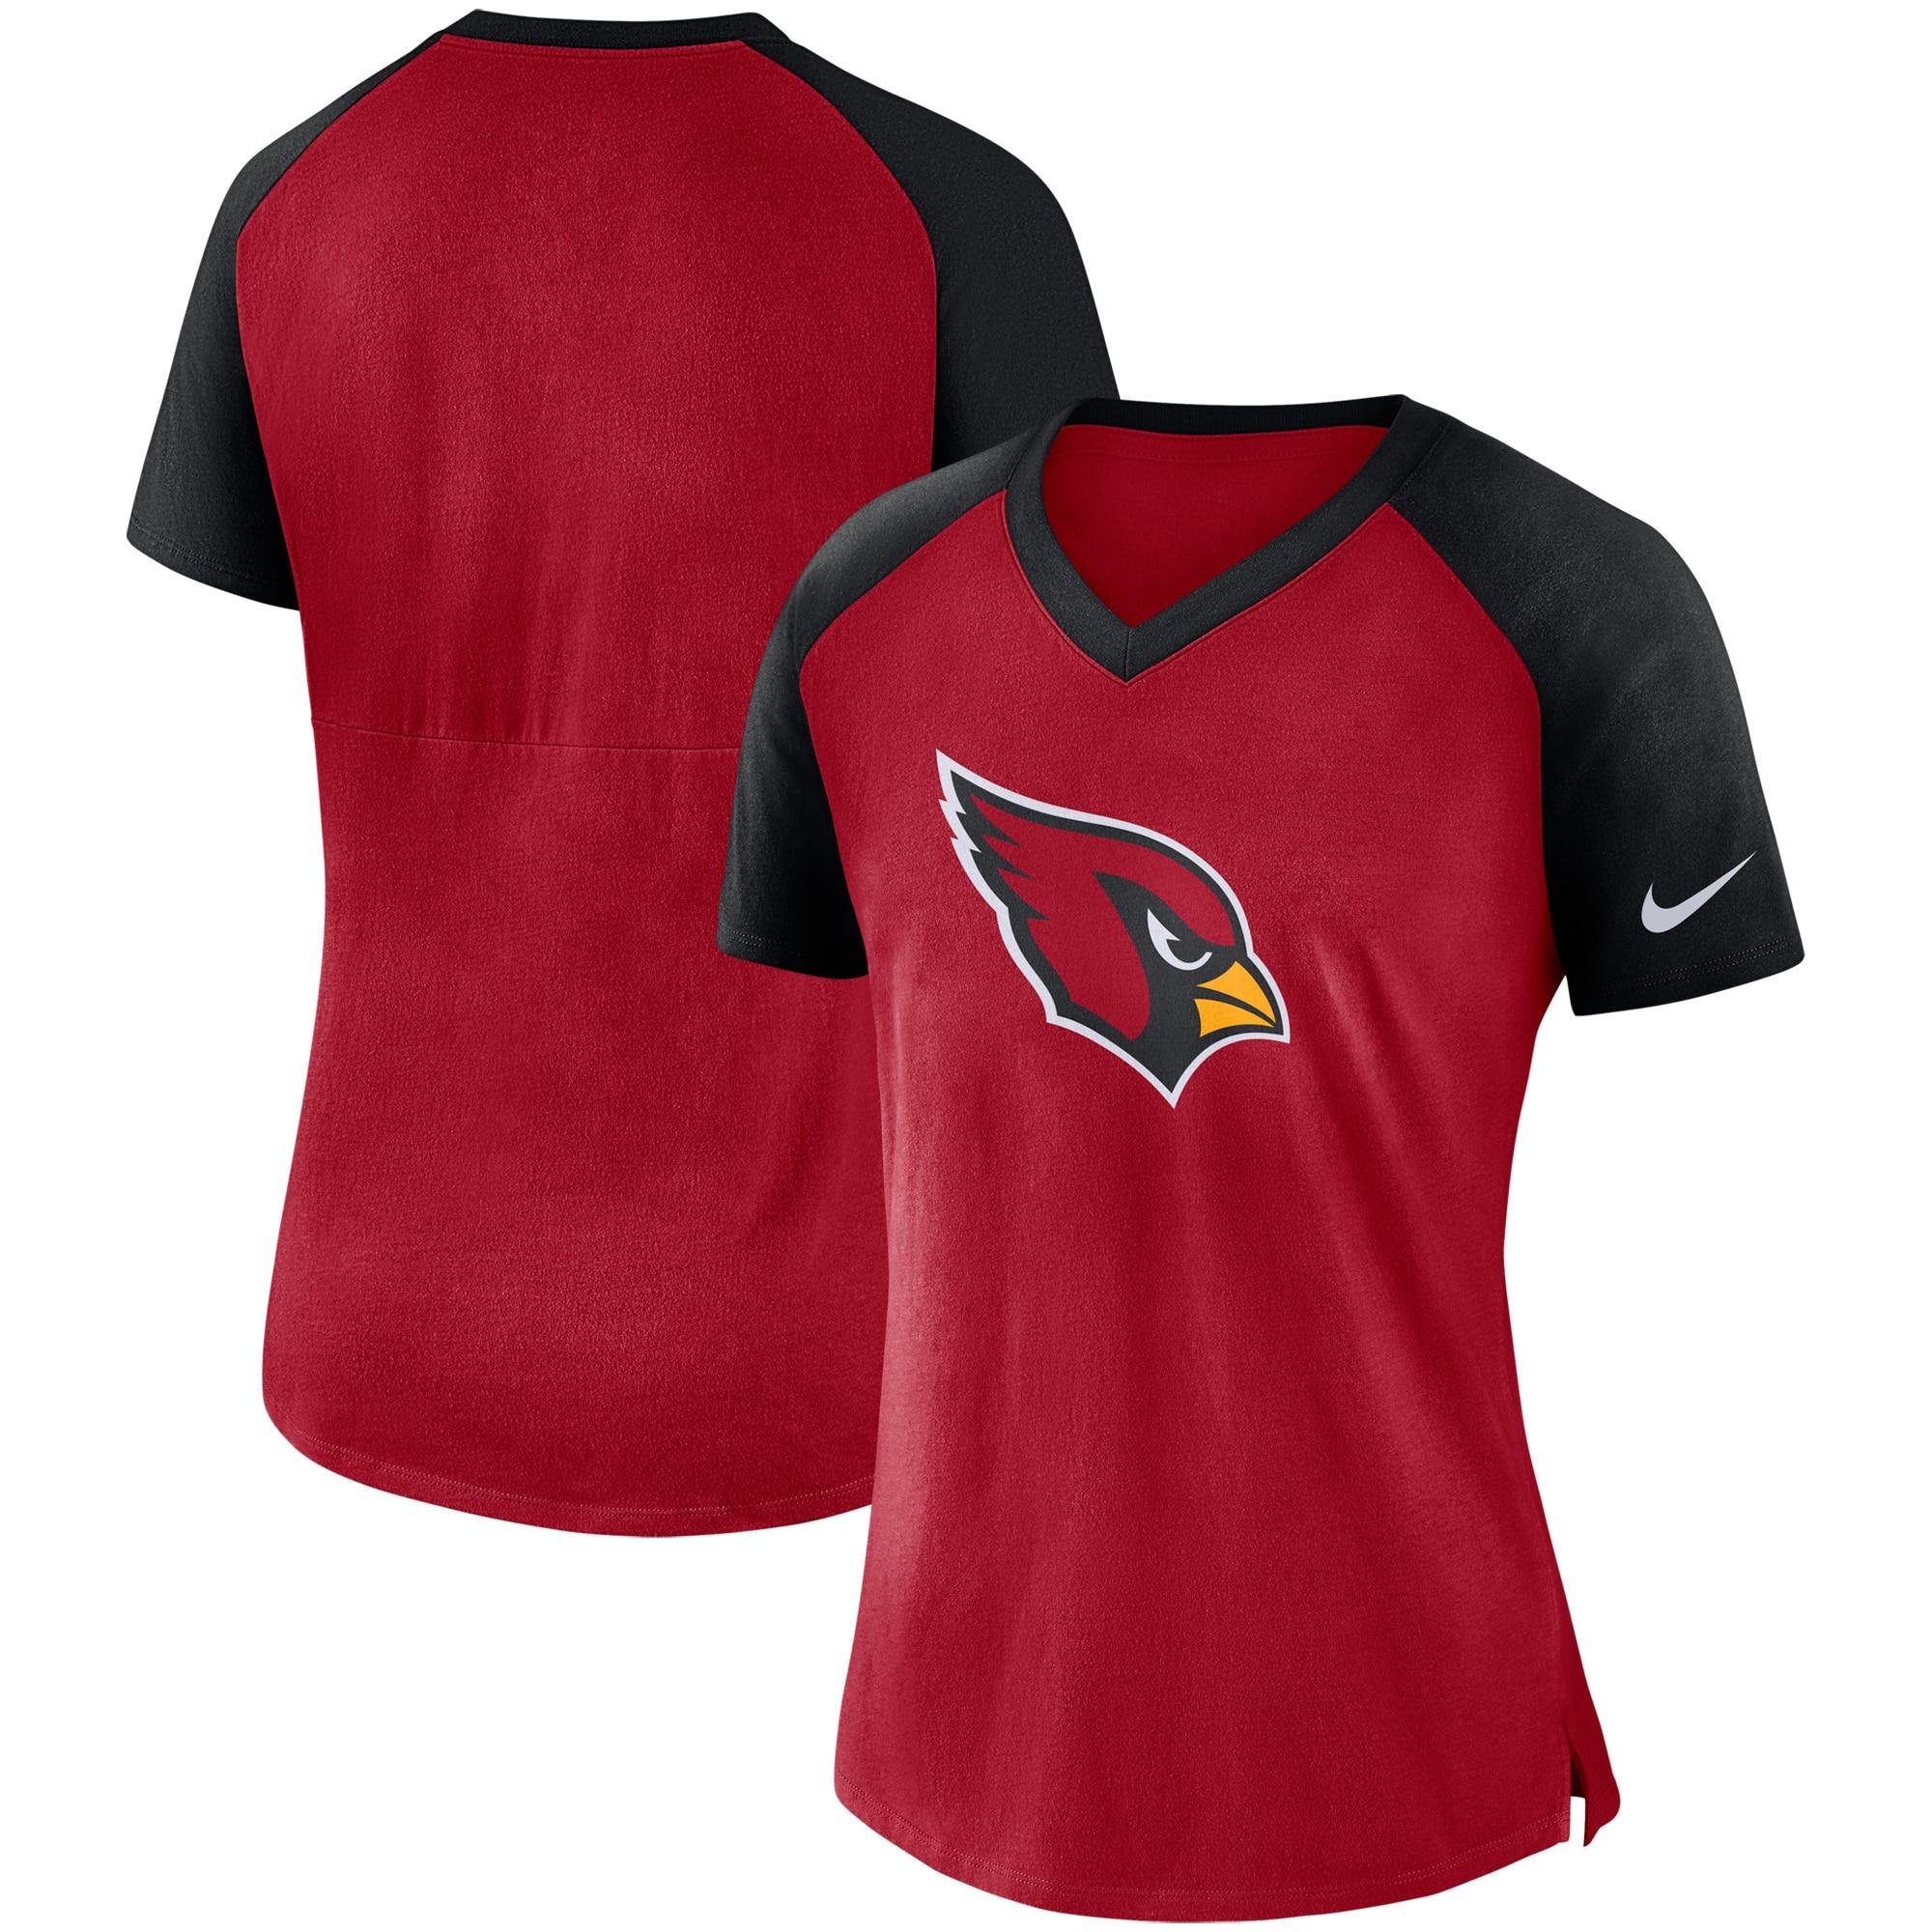 Arizona Cardinals Nike Women's Top V-Neck T-Shirt - Cardinal/Black